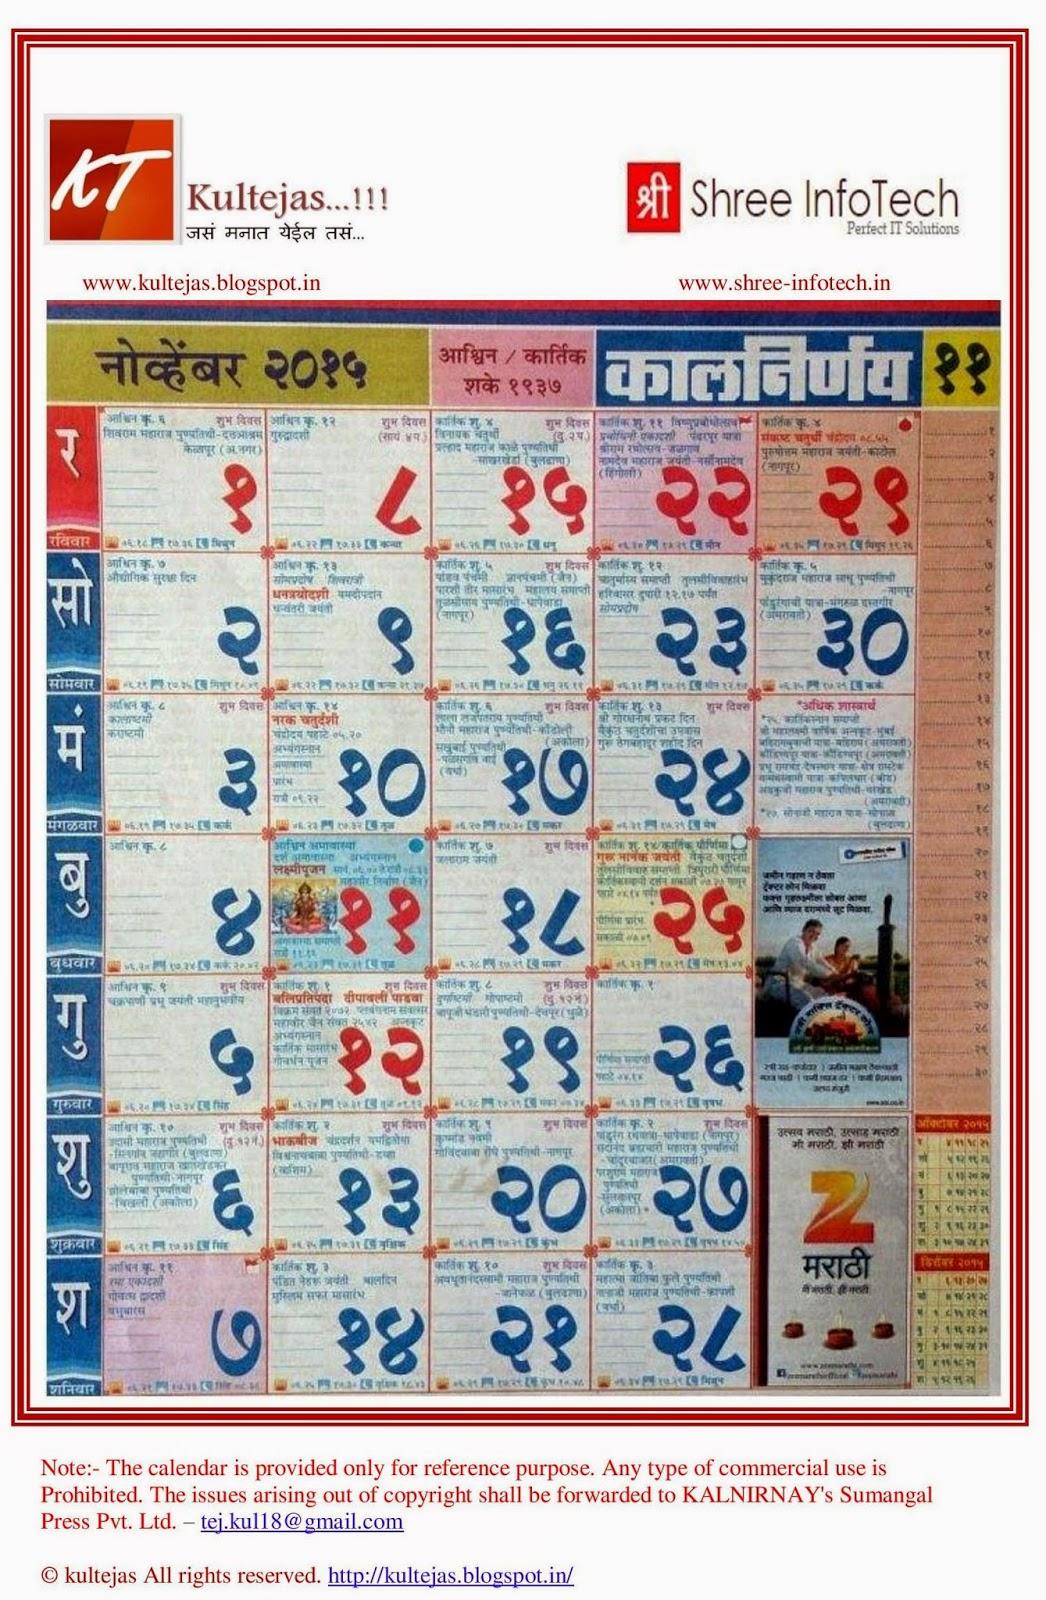 New Year Calendar Kalnirnay : Marathi kalnirnay jan download new calendar